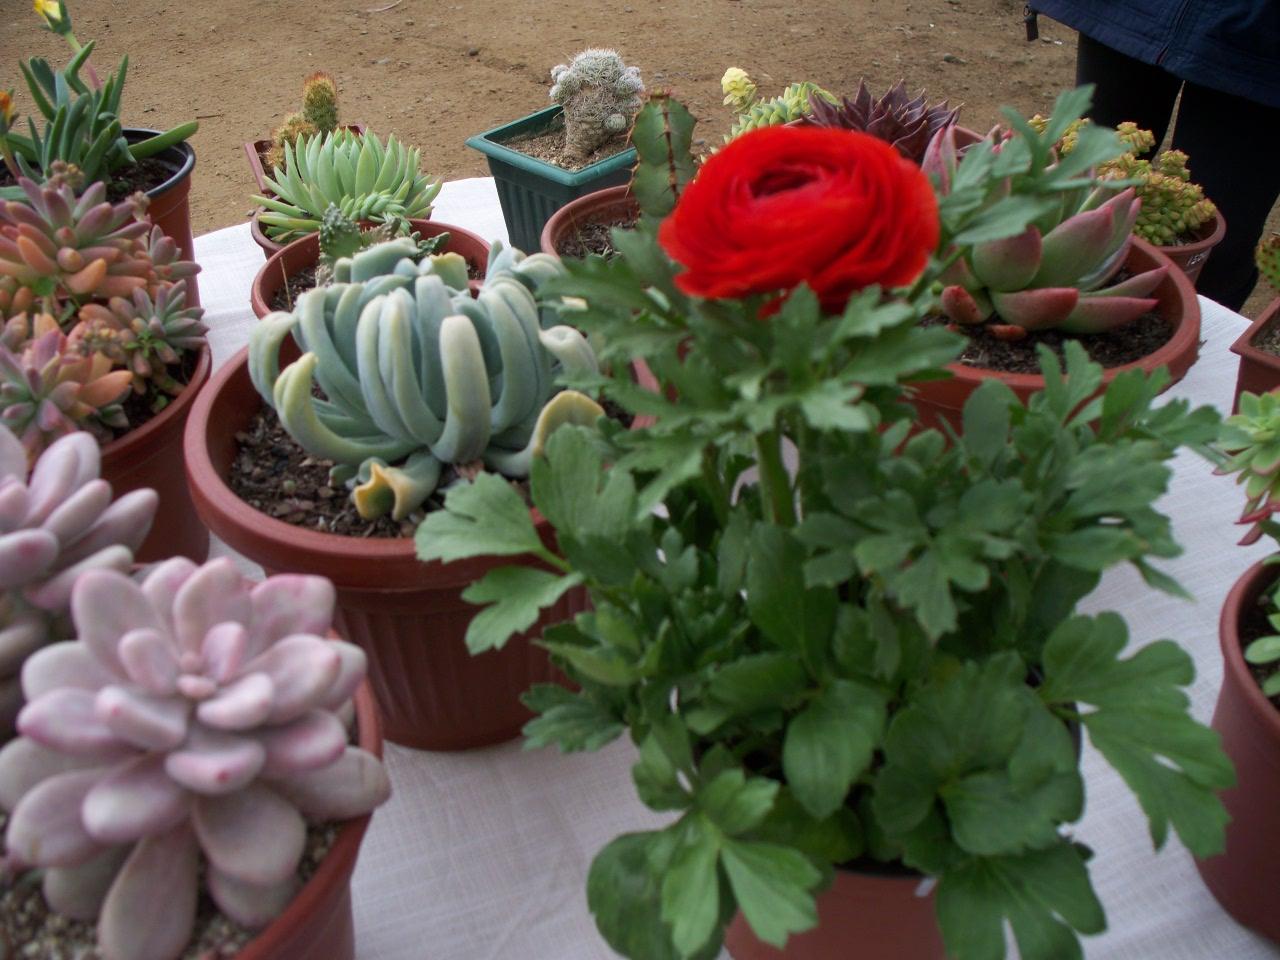 Pueblo artesanal de algarrobo cactus y suculentas for Suculentas chile